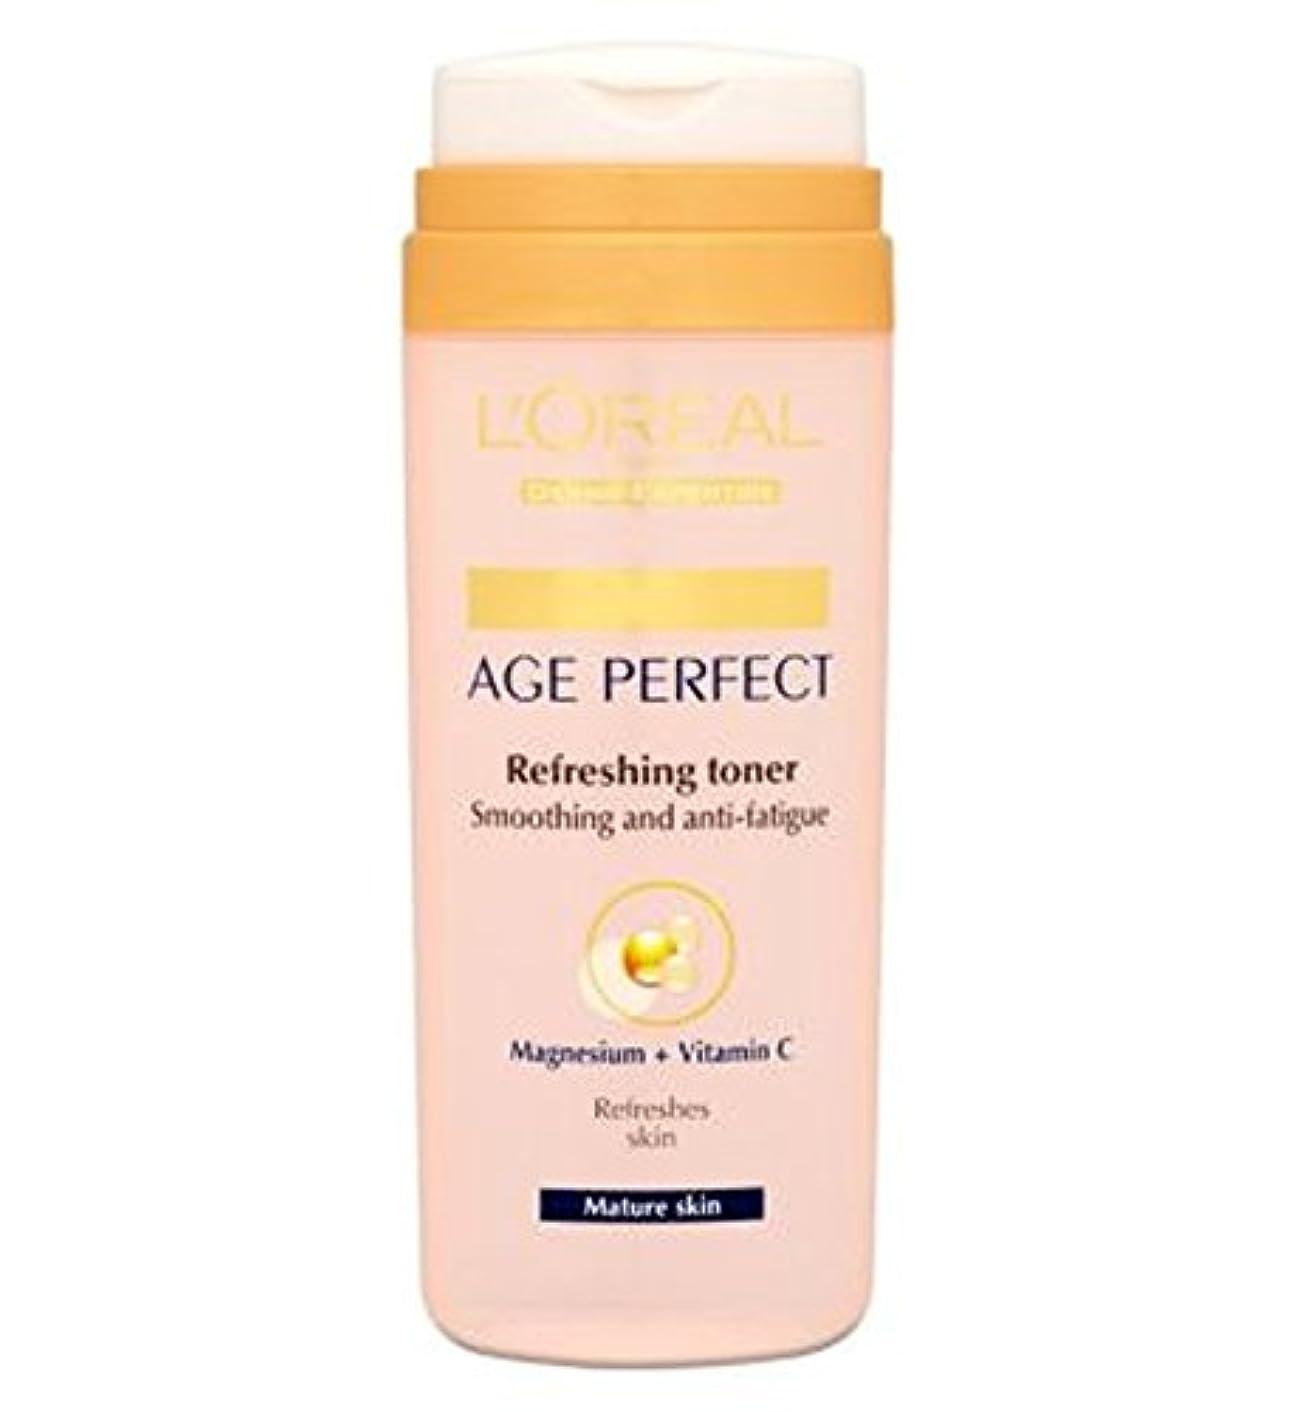 思いやりのある乗算宿題L'Oreall Paris Dermo-Expertise Age Perfect Refreshing Toner Mature Skin 200ml - L'Oreallパリ真皮専門知識の年齢、完璧なさわやかなトナー...